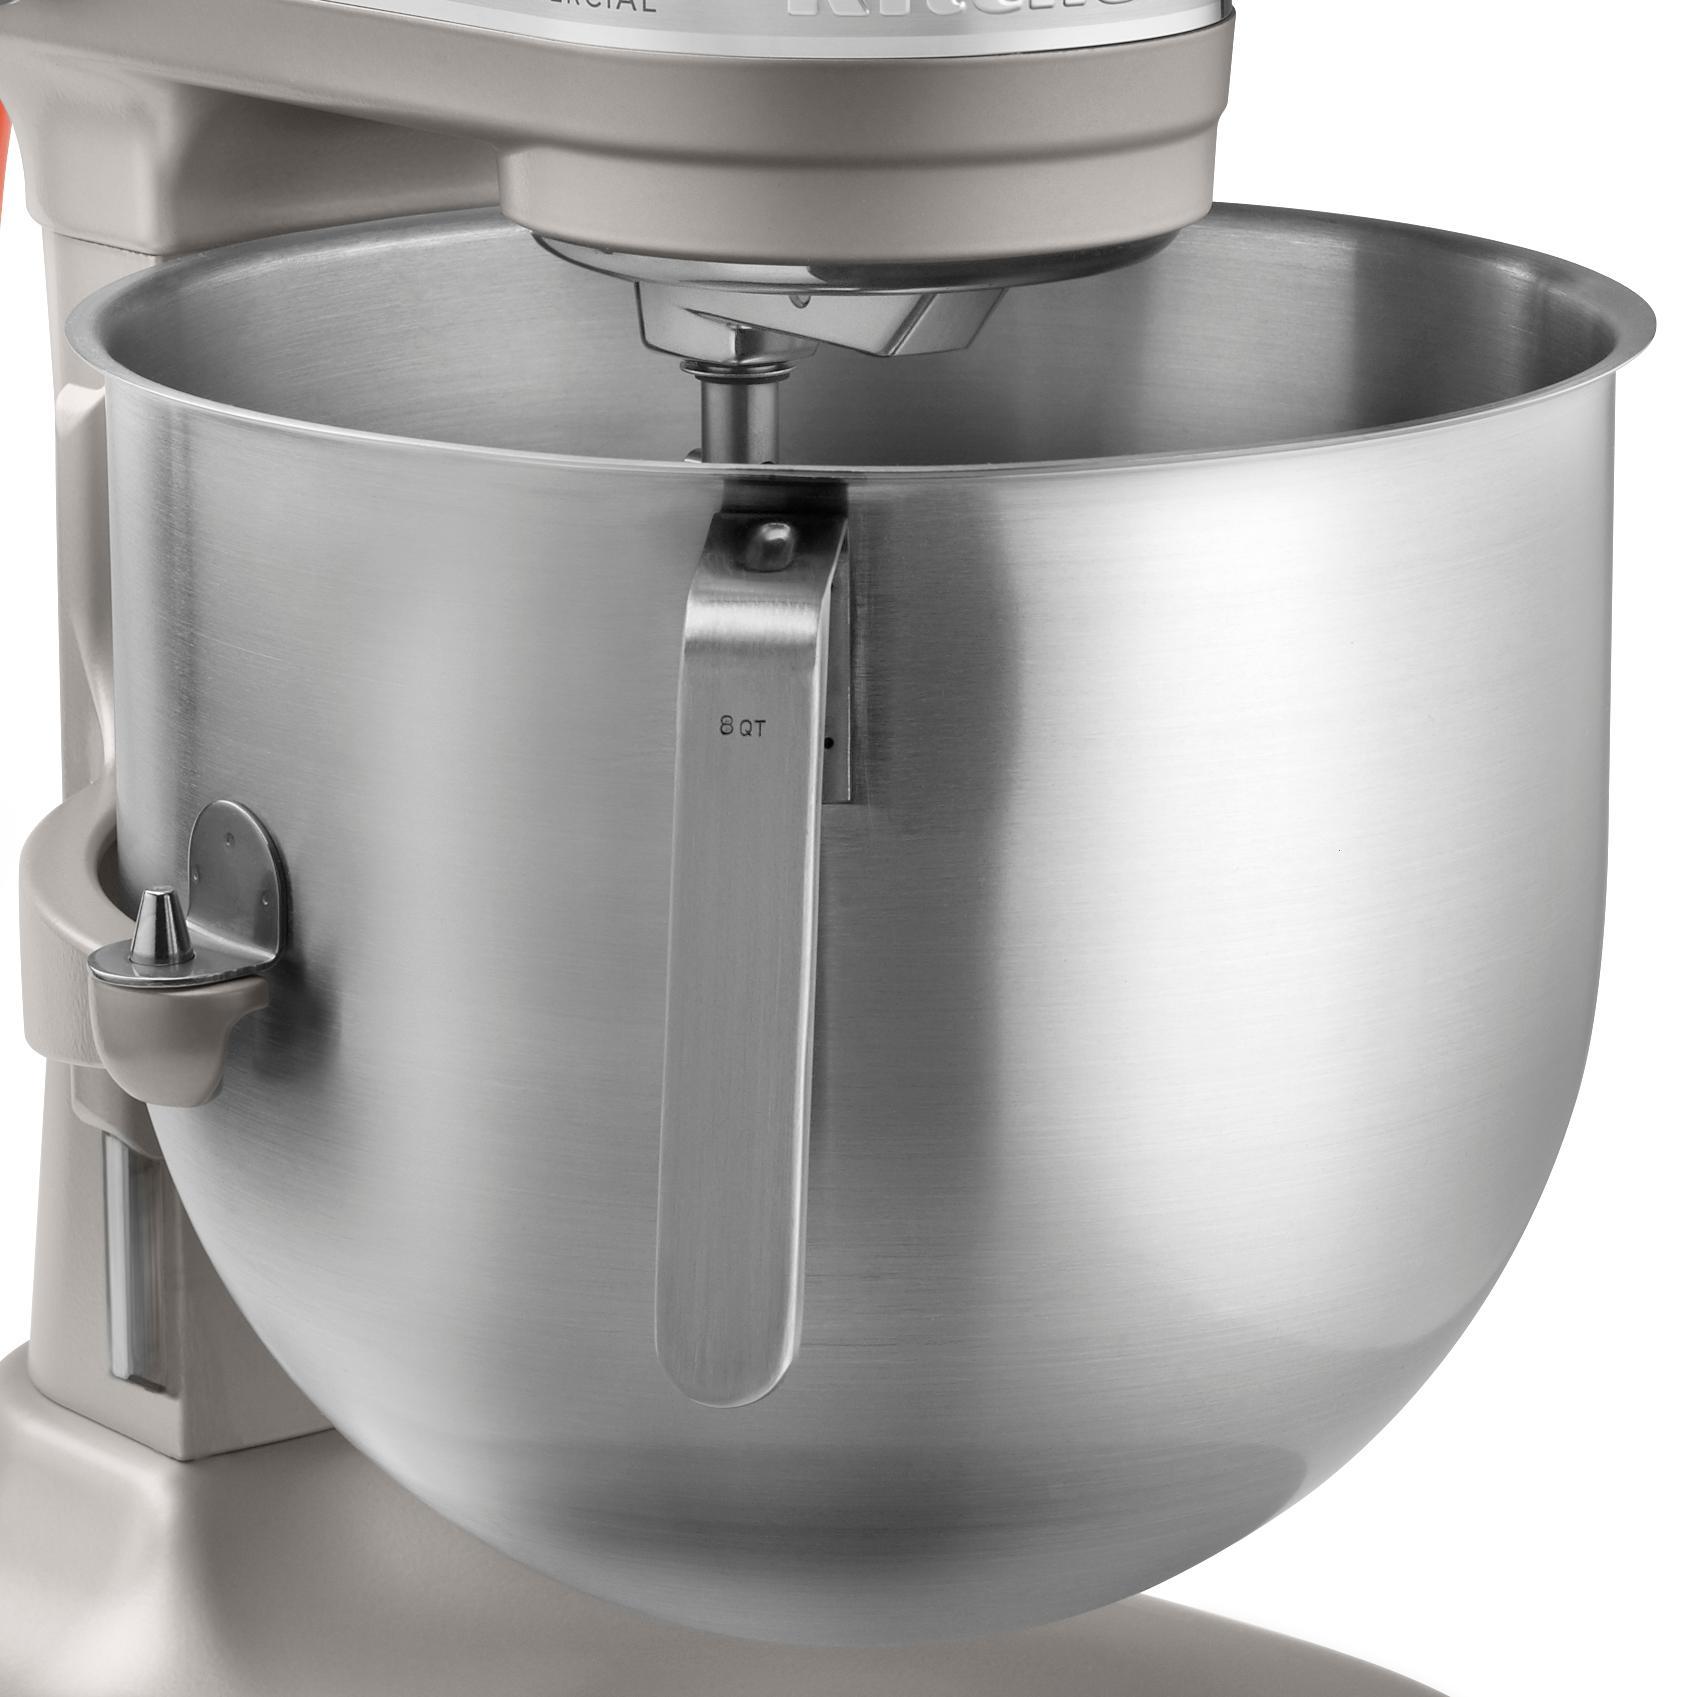 Amazon Com Kitchenaid Ksm8990np 8 Quart Stand Mixer